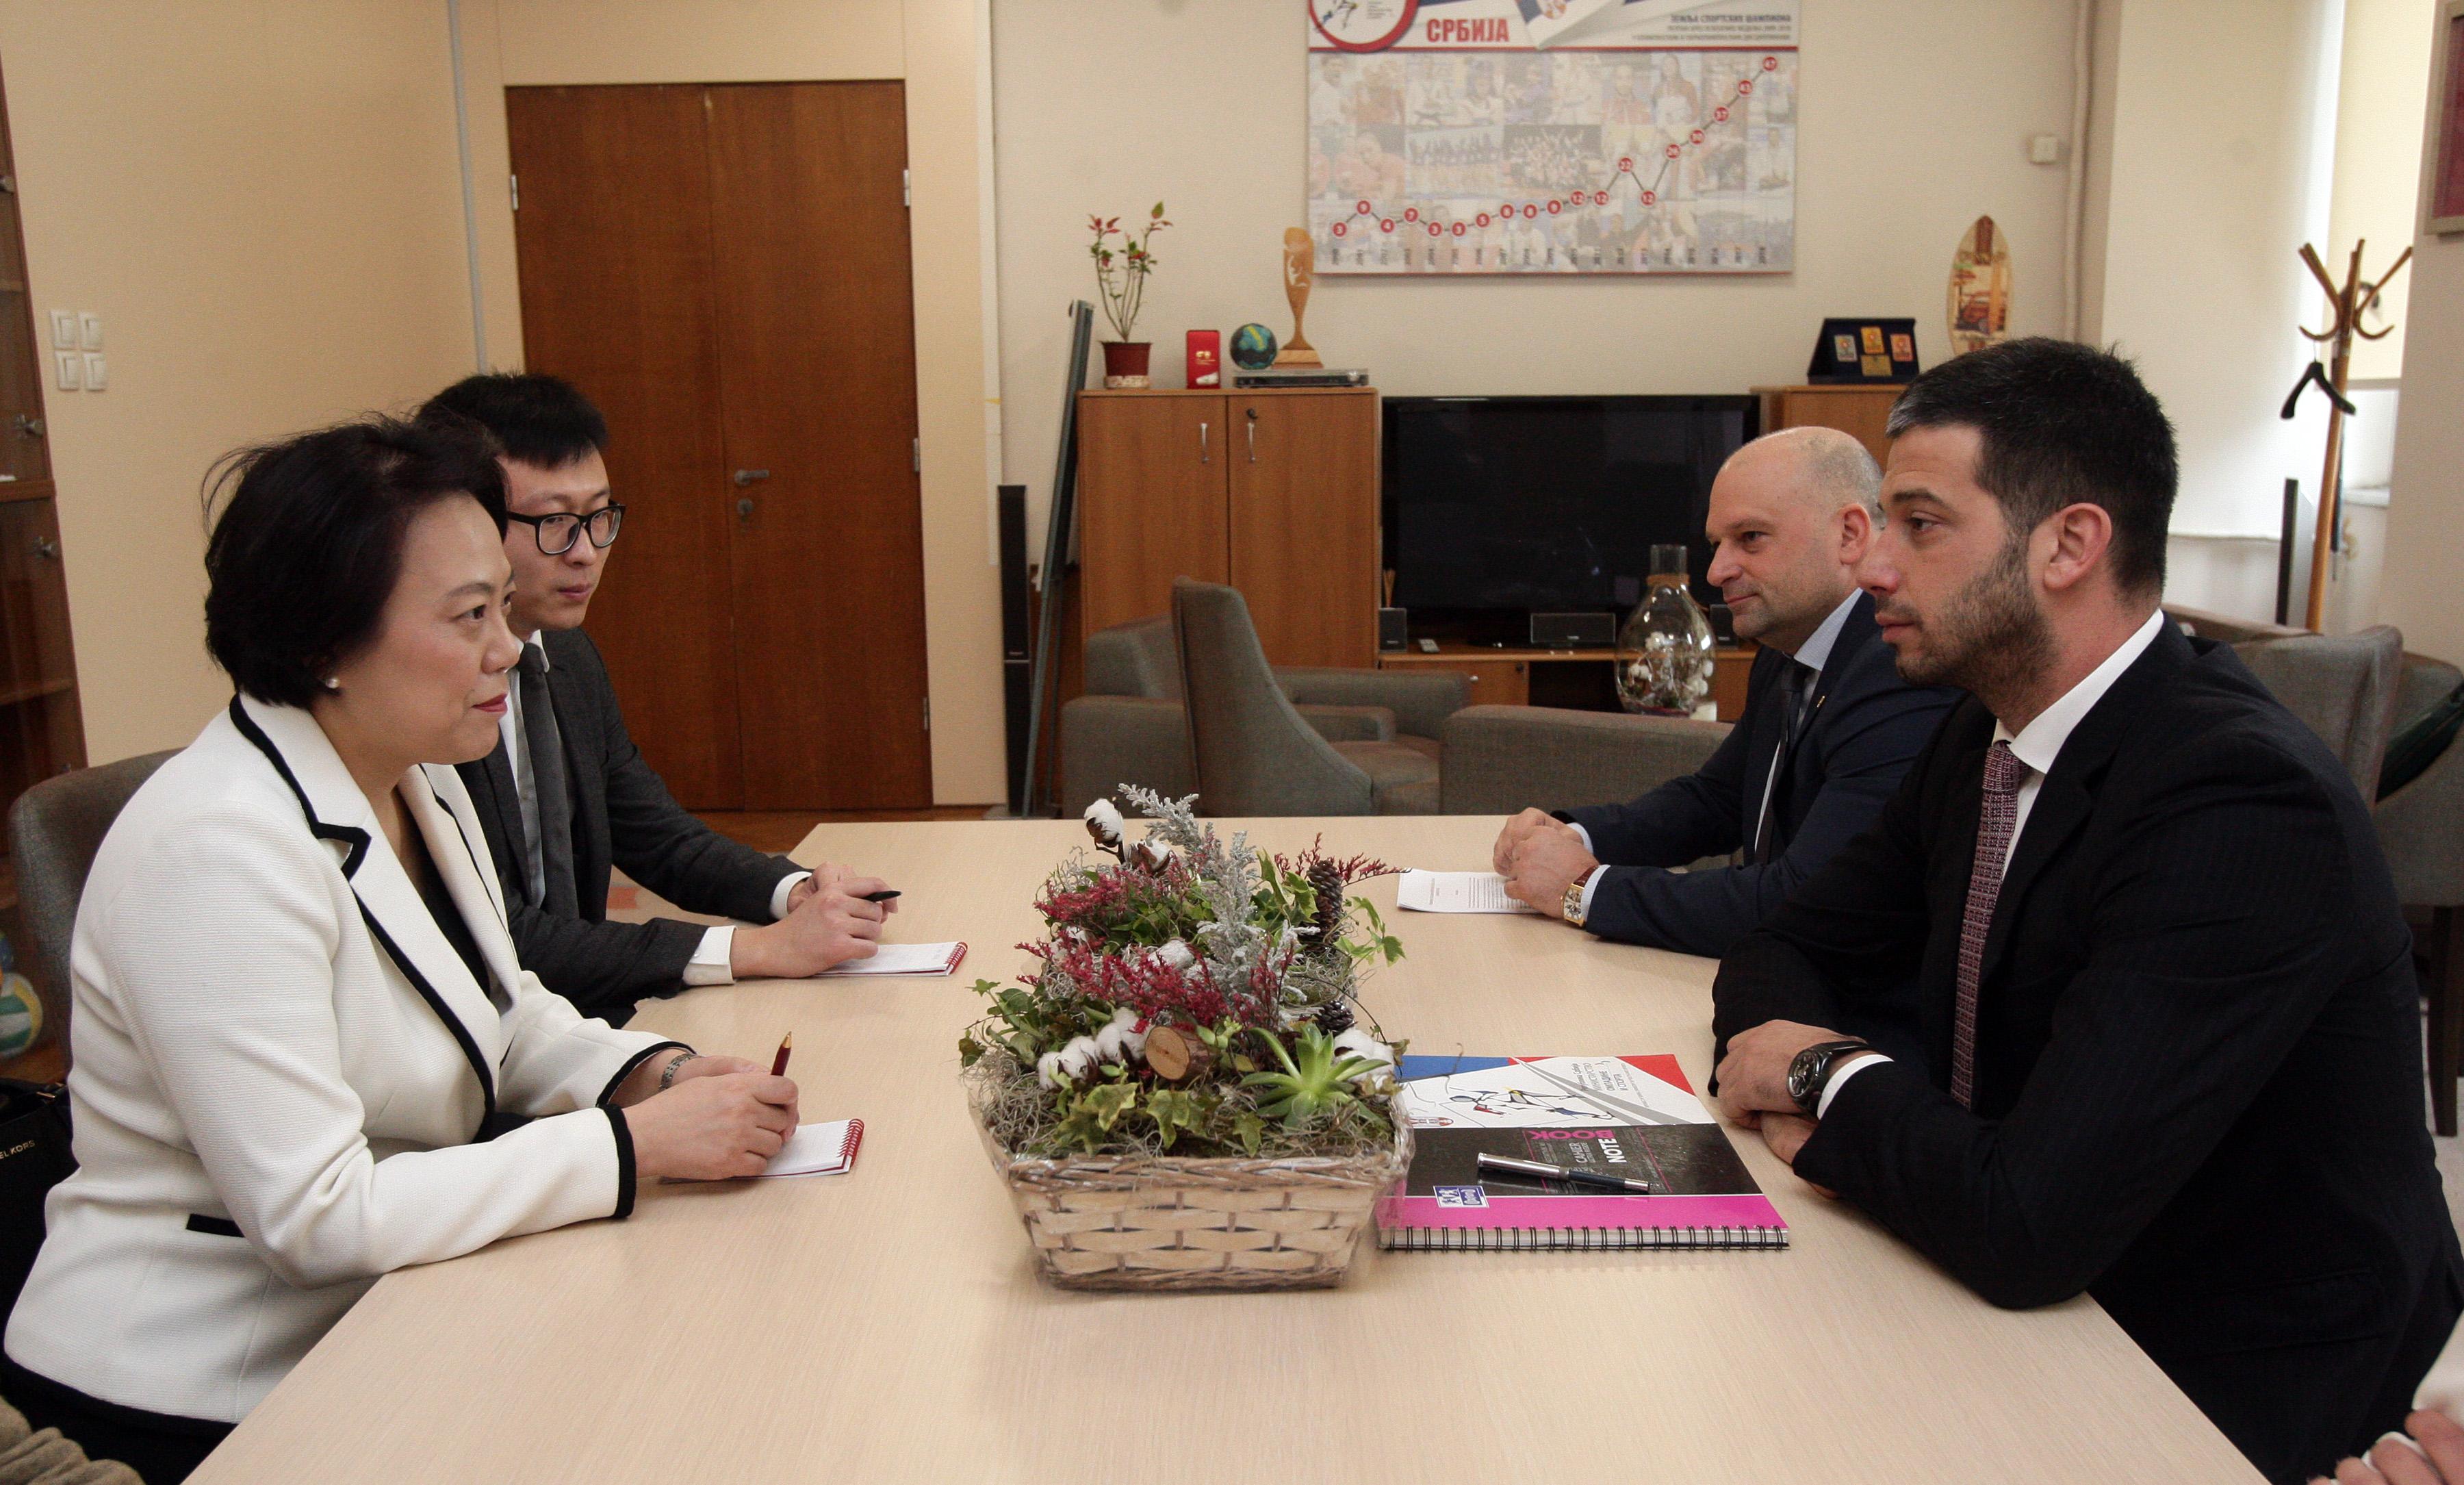 Министар Удовичић се састао са амбасадорком Народне Републике Кине Њ. E. Чен Бо, и разговарао о новим правцима будуће сарадње